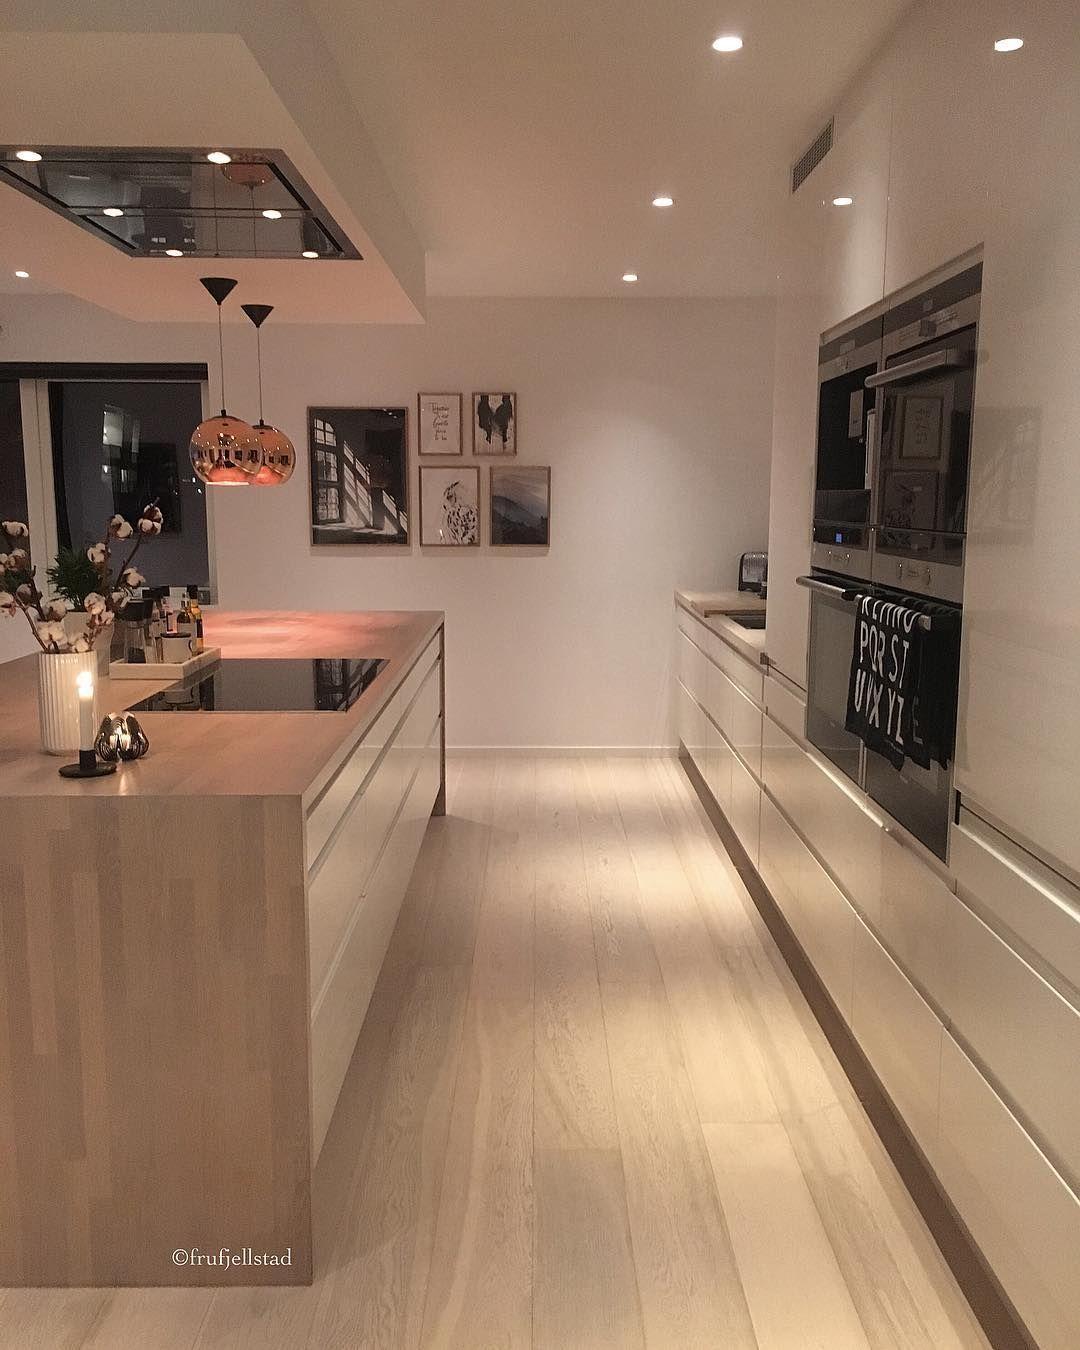 Mens Kitchen Decor: Klar For Lørdagstaco Og Film Med Guttene Mine Mens Frøkna Er På Overnattingsbesøk Nyt